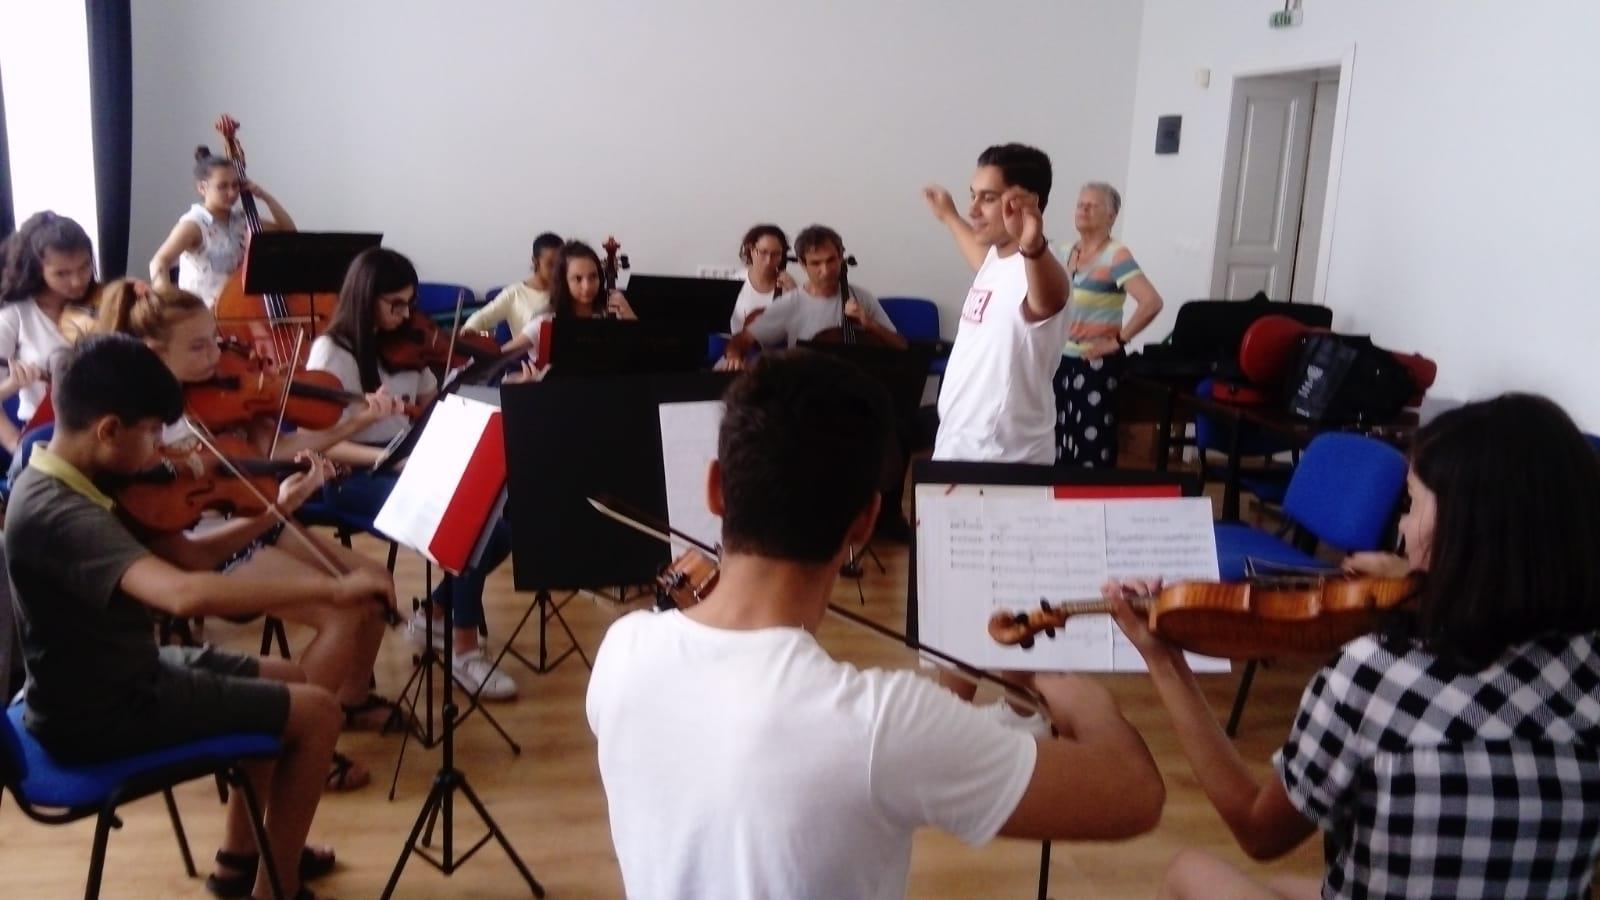 Durmusch dirigiert das Orchester. Bravo!